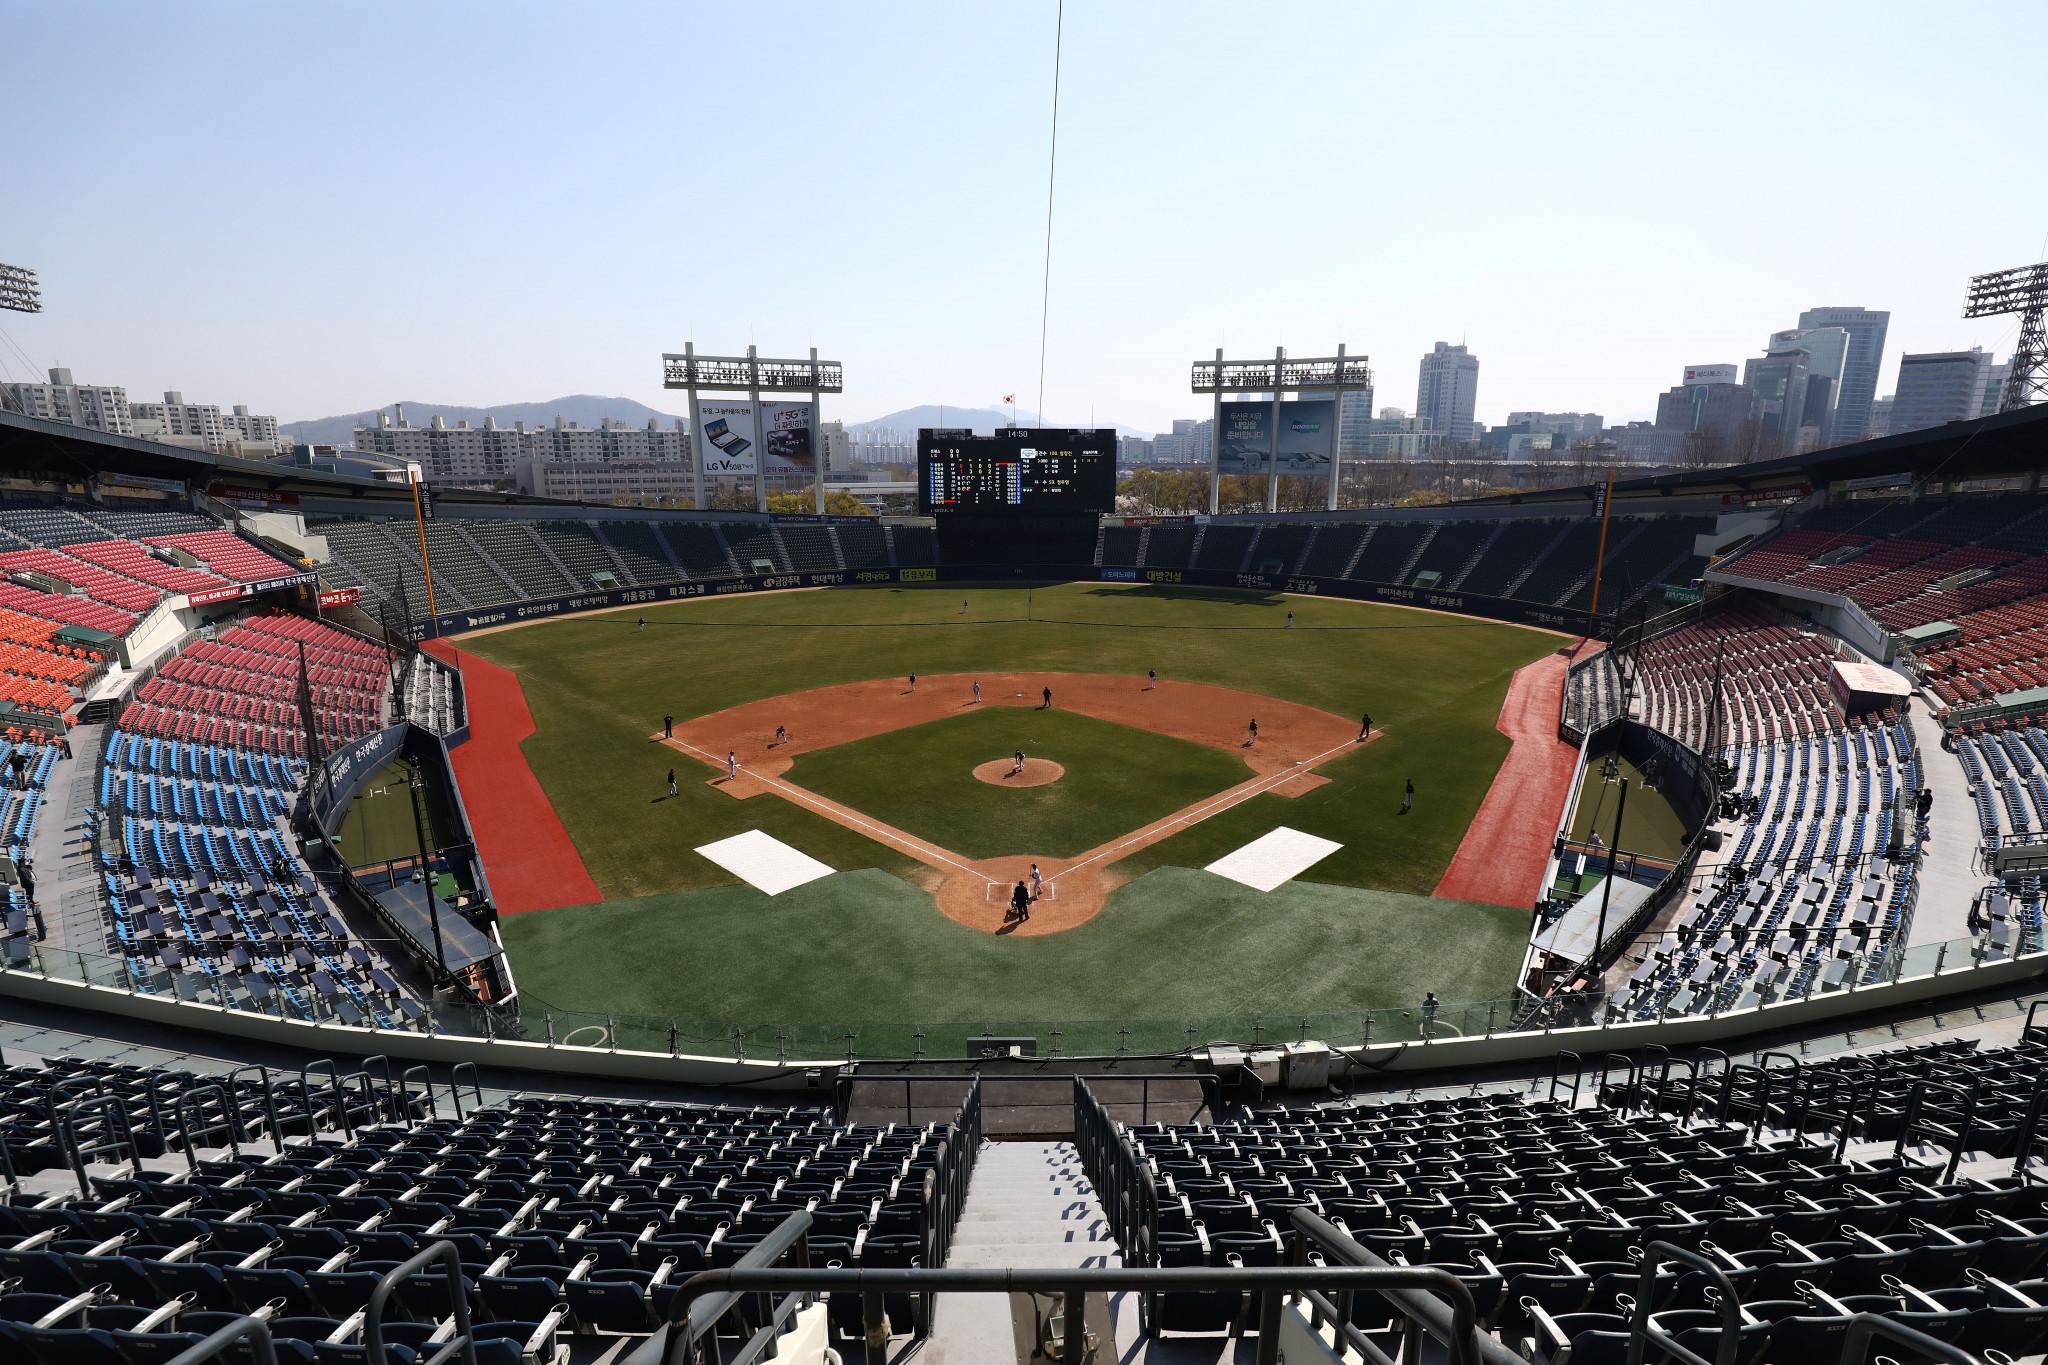 서울과 주변 지역의 야구 경기는 최소 2 주 동안 관중이 없을 것입니다. © Getty Images